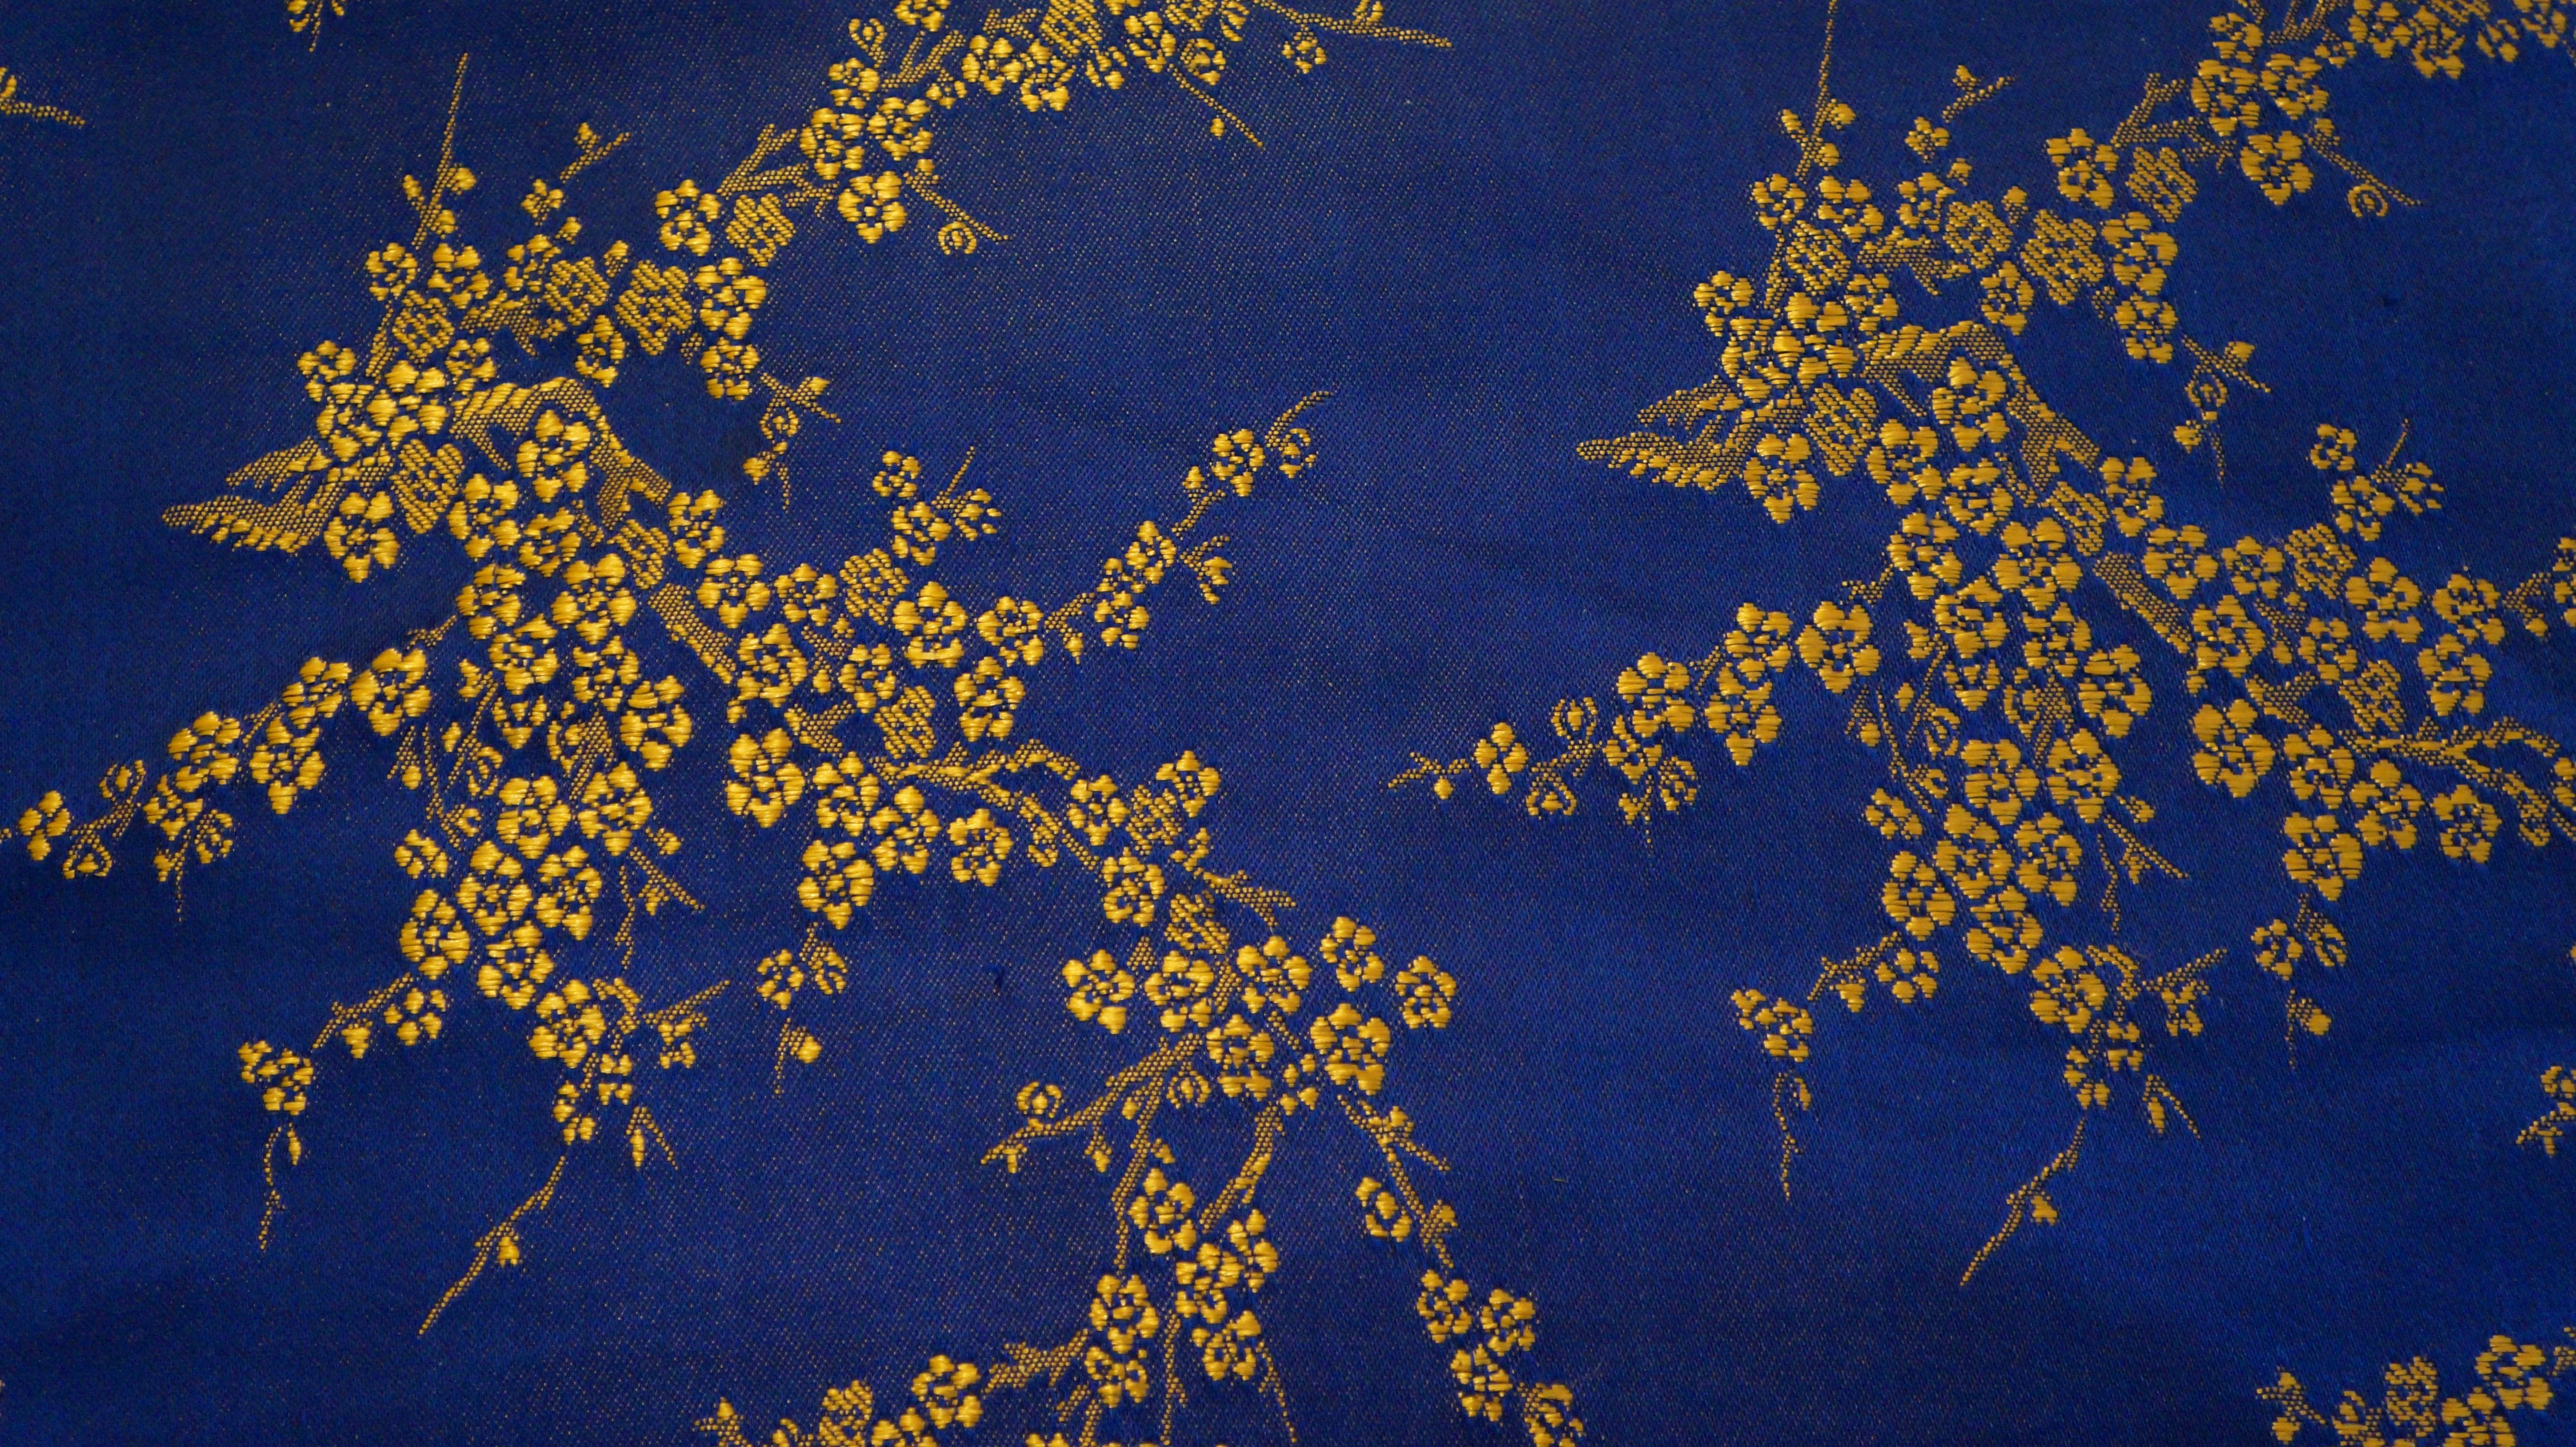 Gambar Pohon Cabang Menanam Sinar Matahari Tekstur Daun